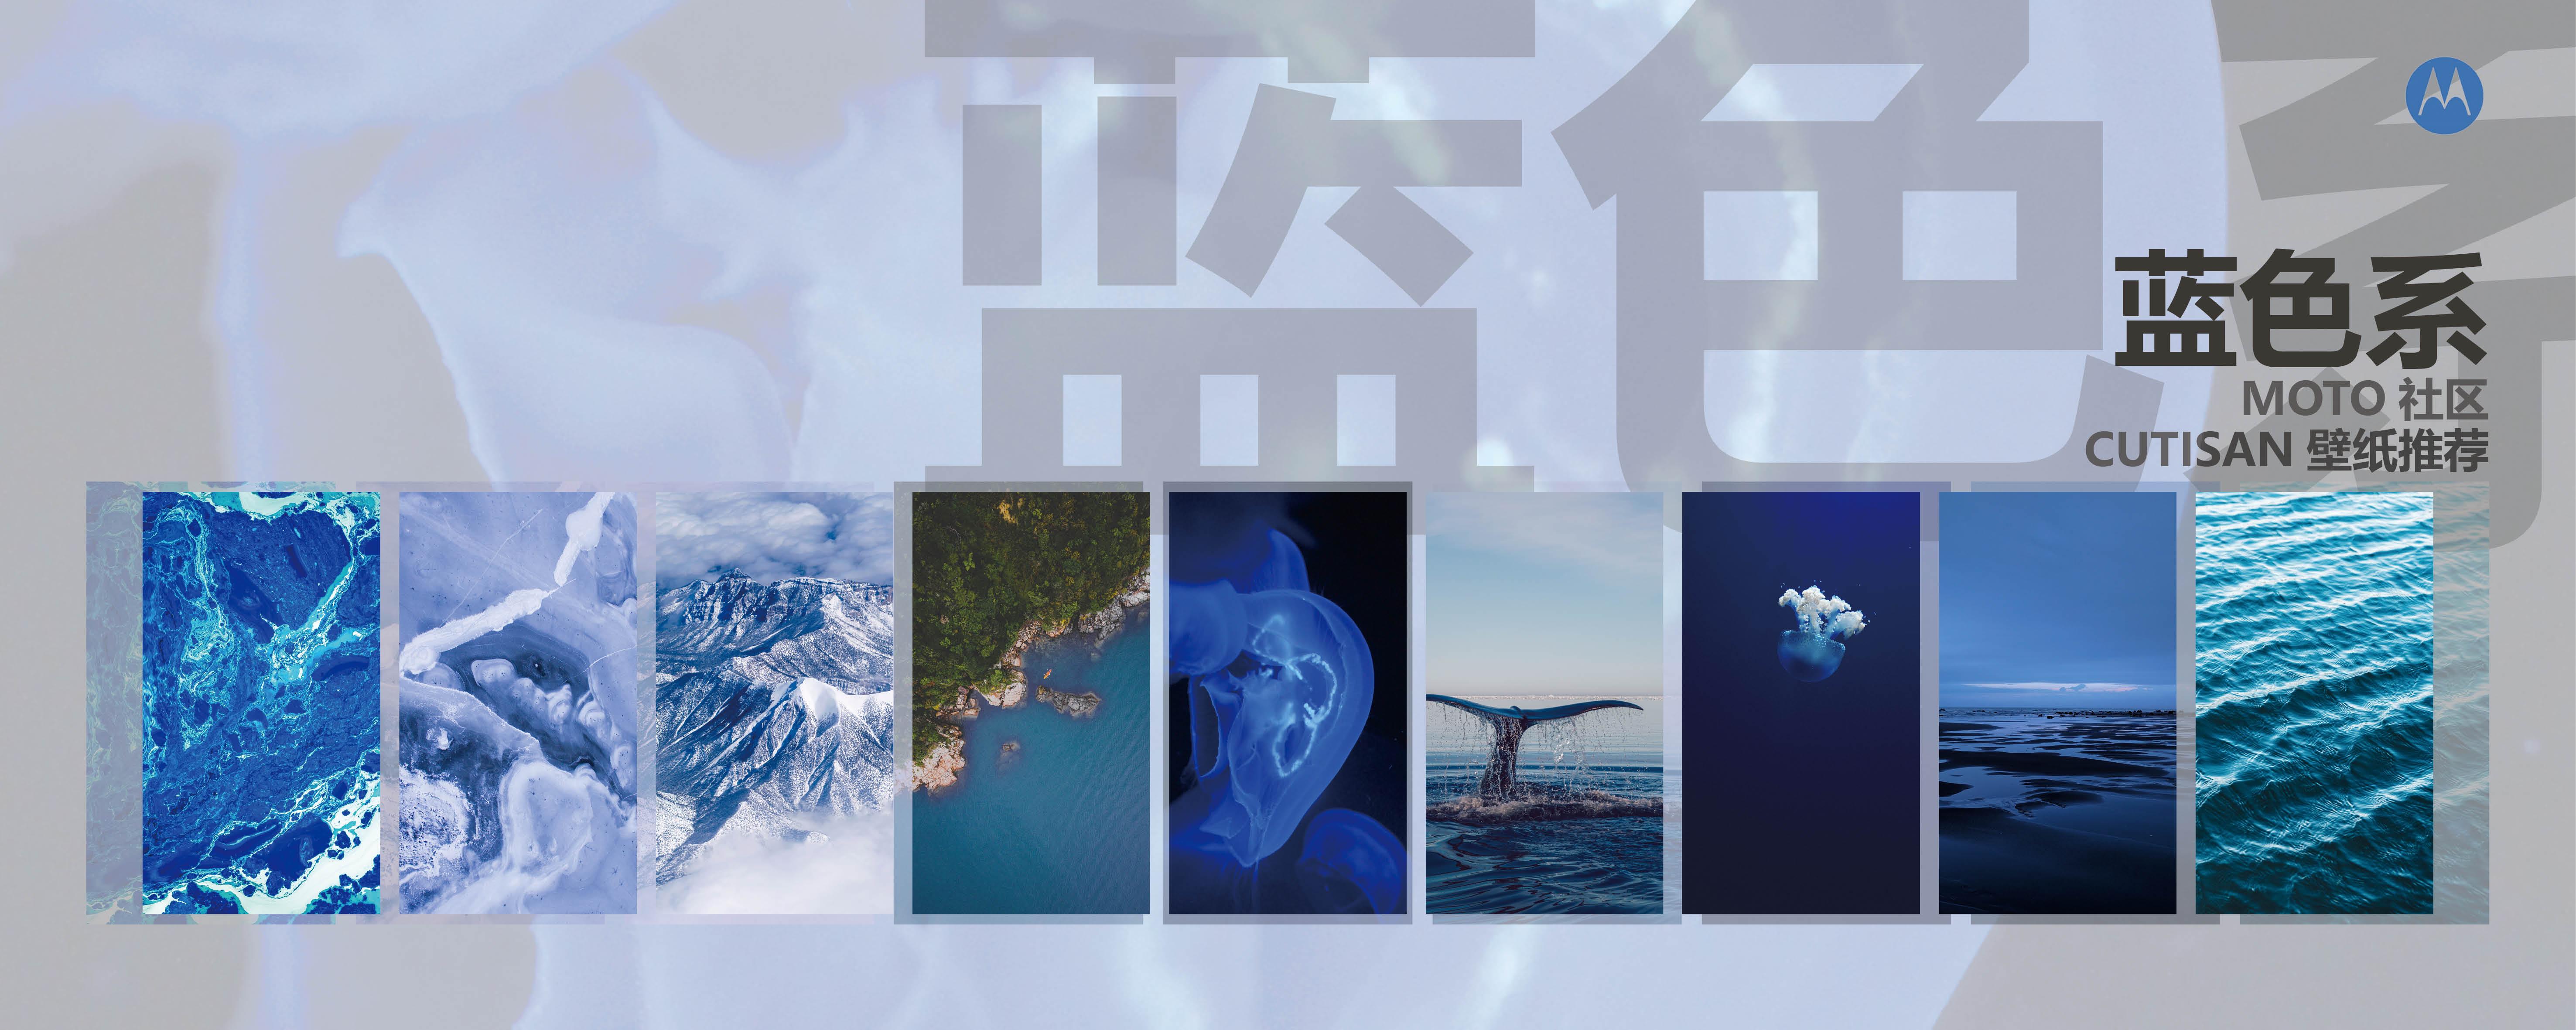 蓝色系.jpg